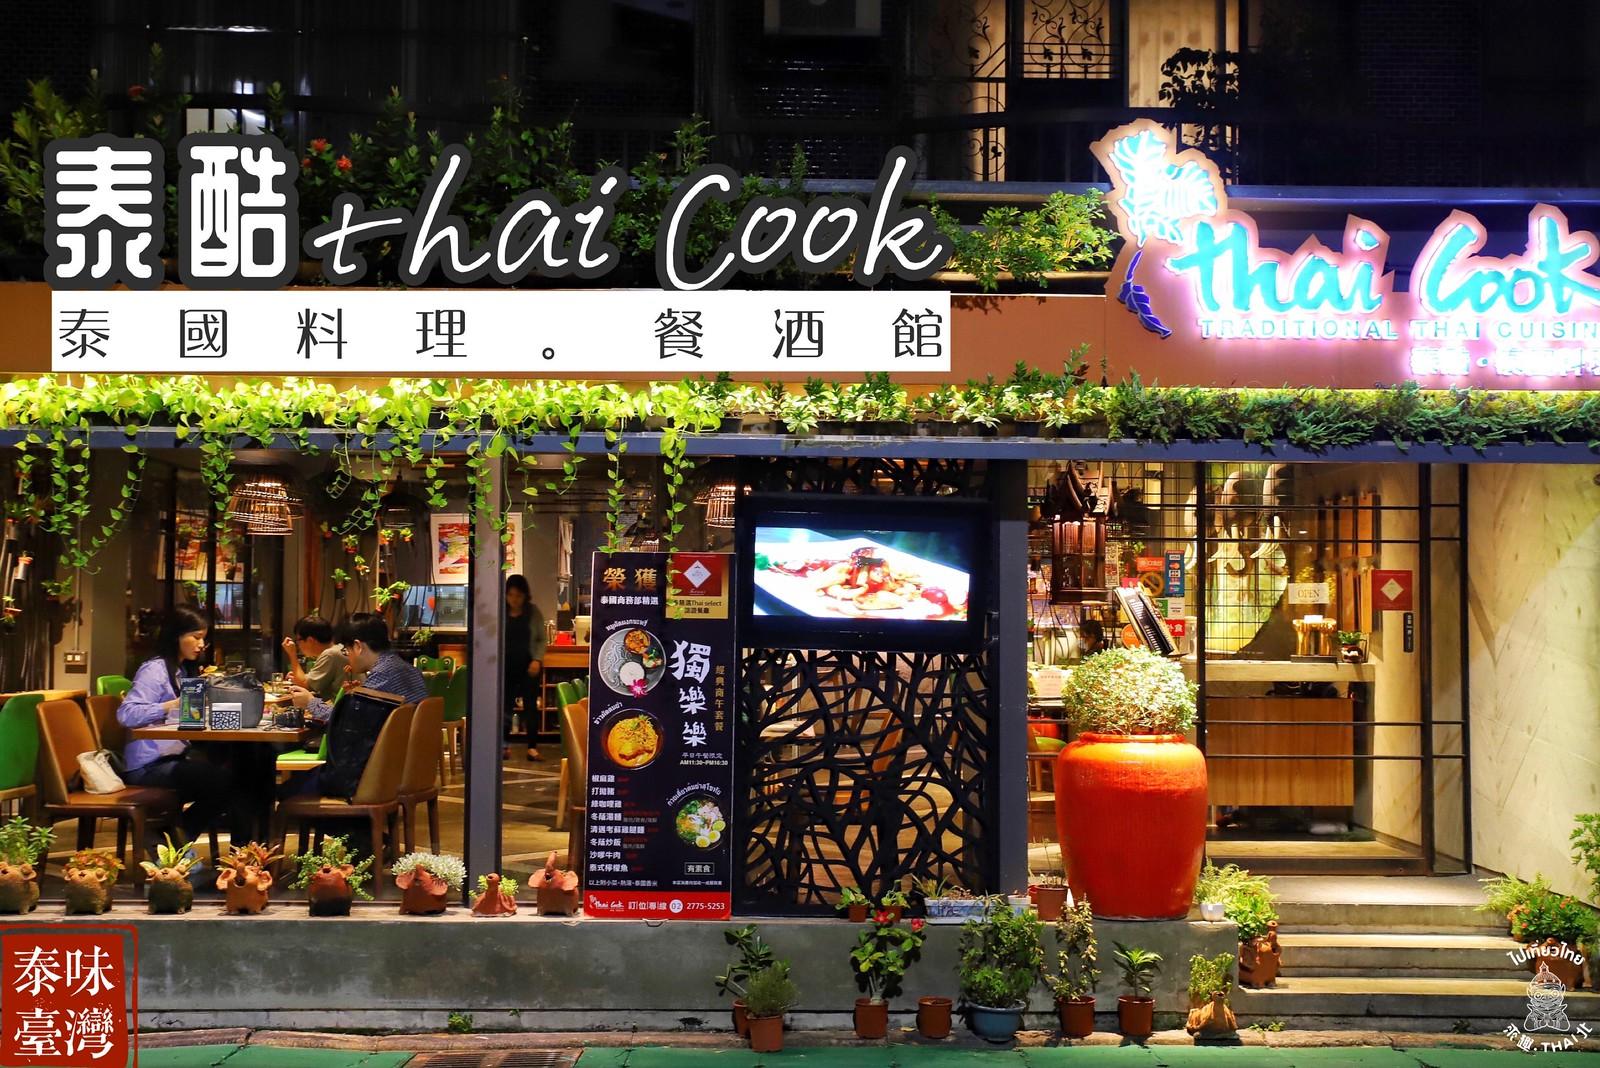 創新中融合傳統「泰」時尚的 《泰酷.泰國料理 Thai cook》